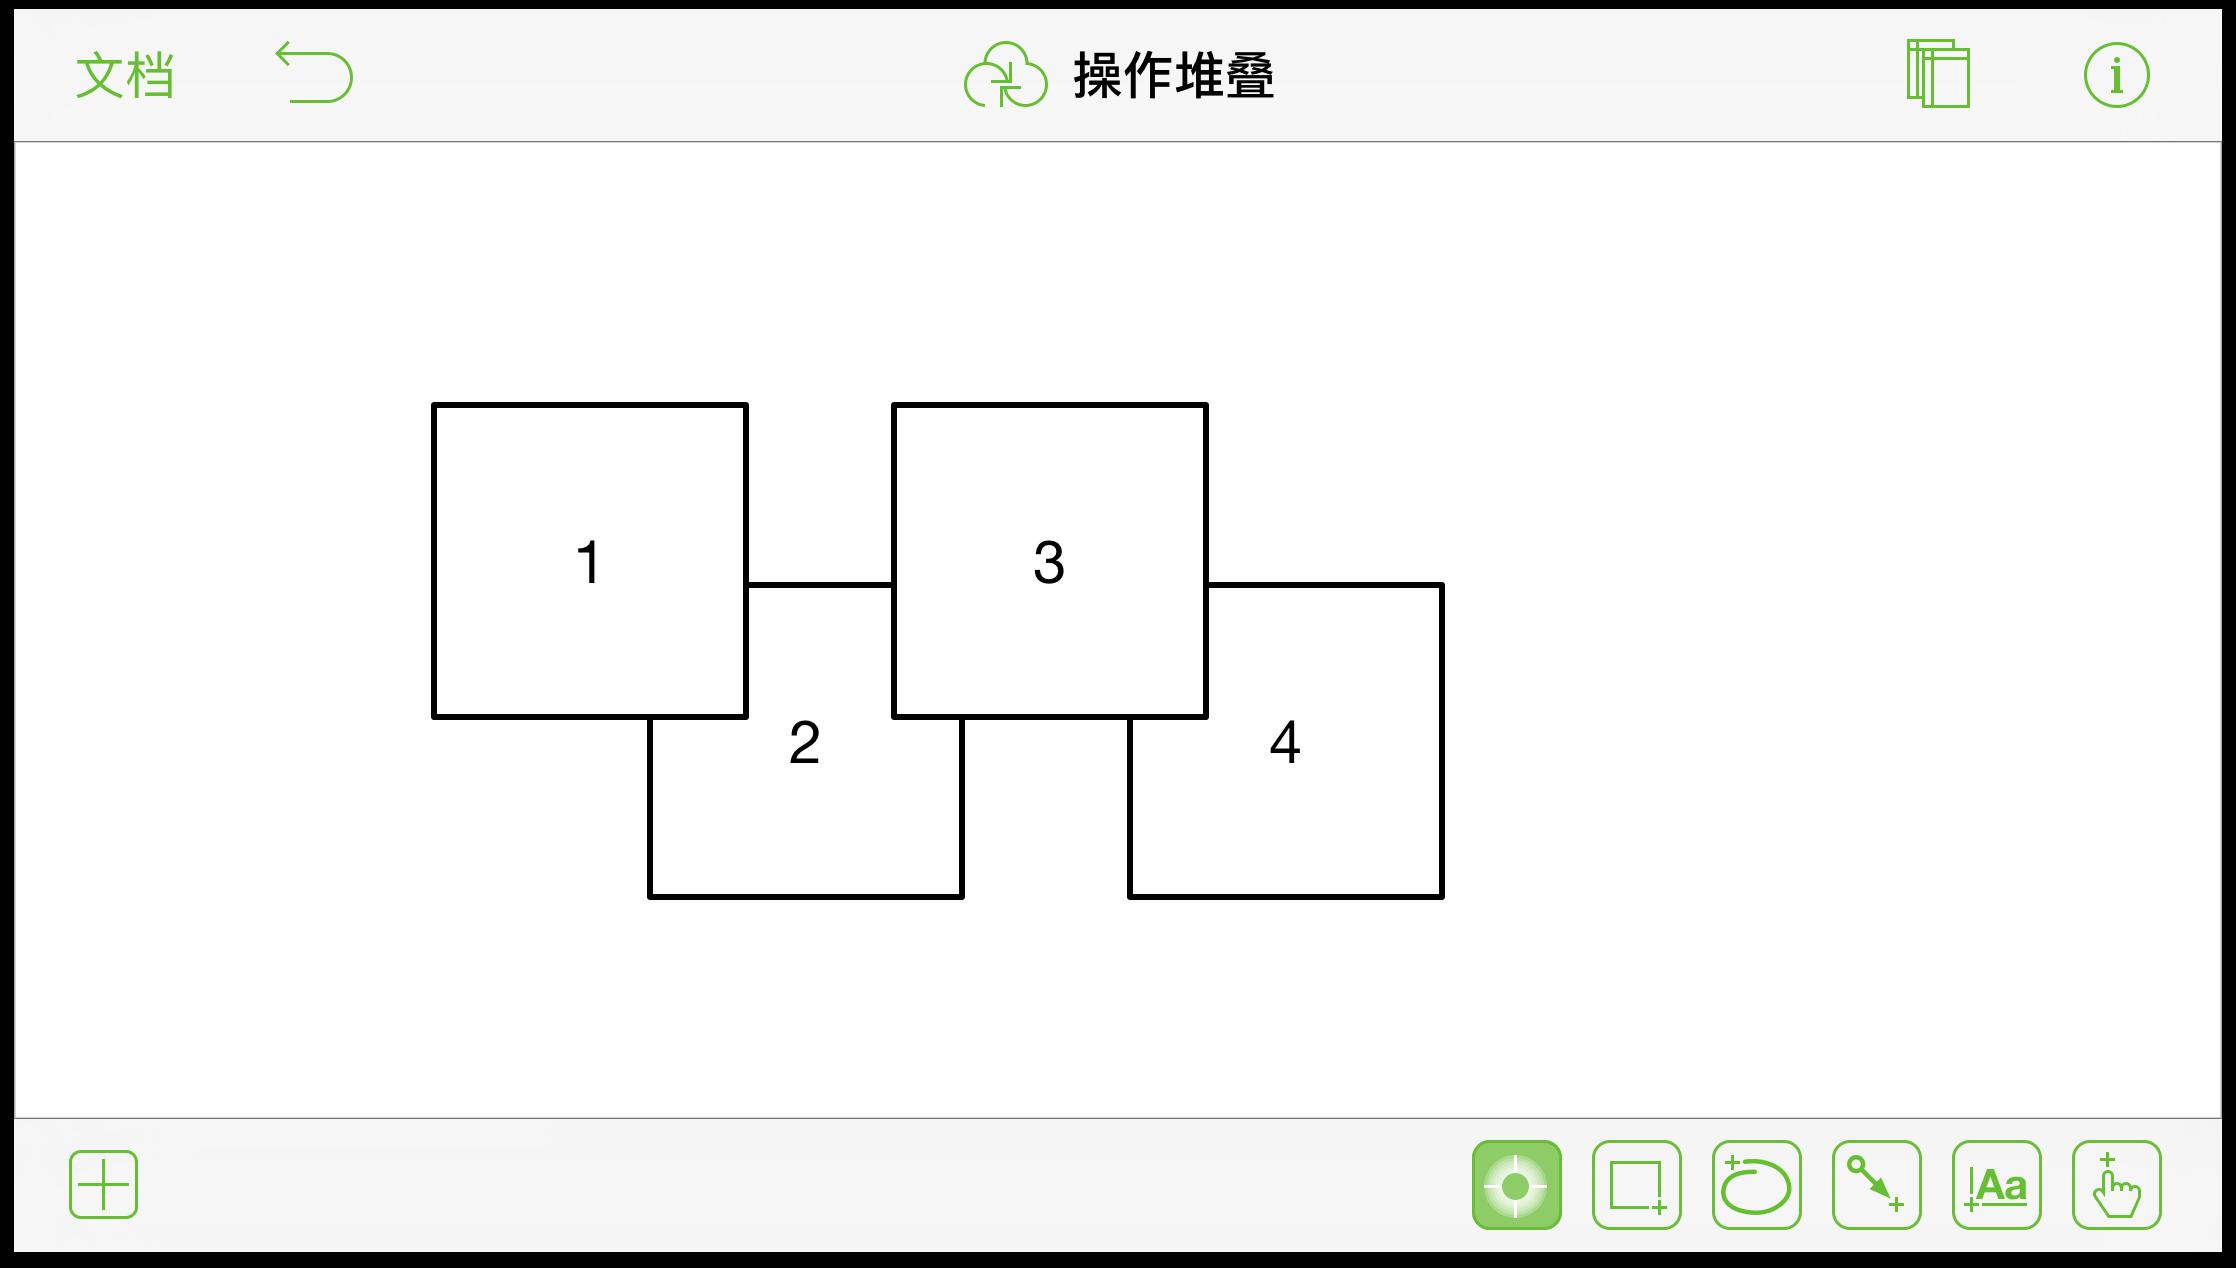 在版面上以平铺方式排列的六个方块